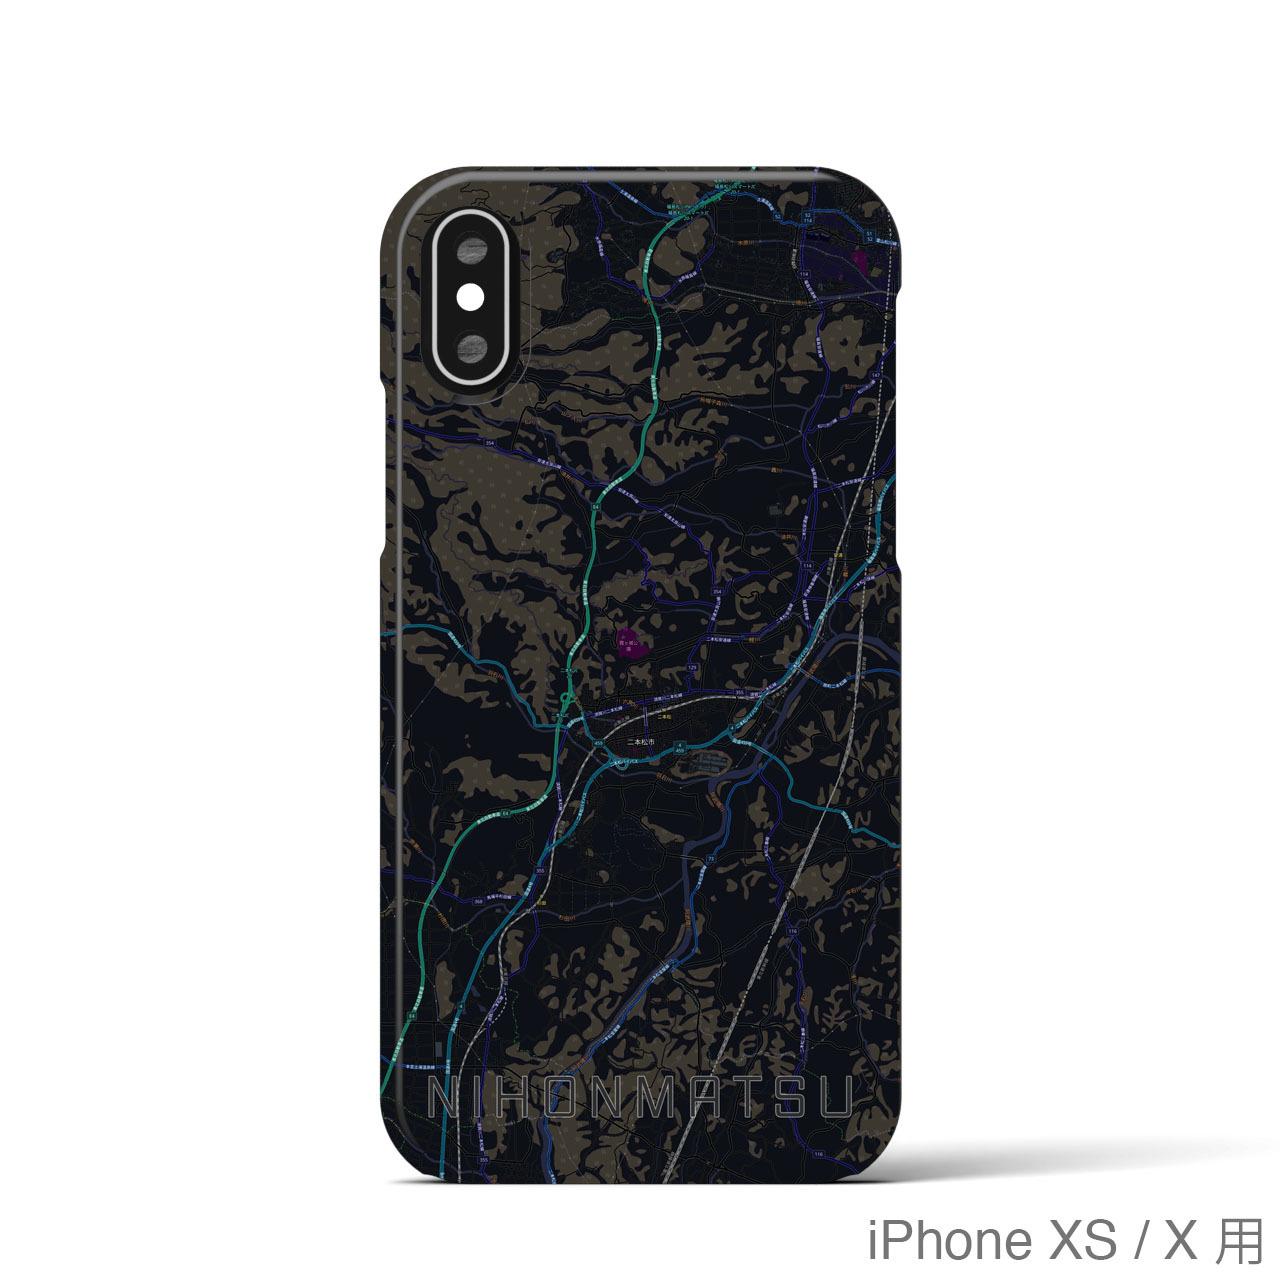 【二本松】地図柄iPhoneケース(バックカバータイプ・ブラック)